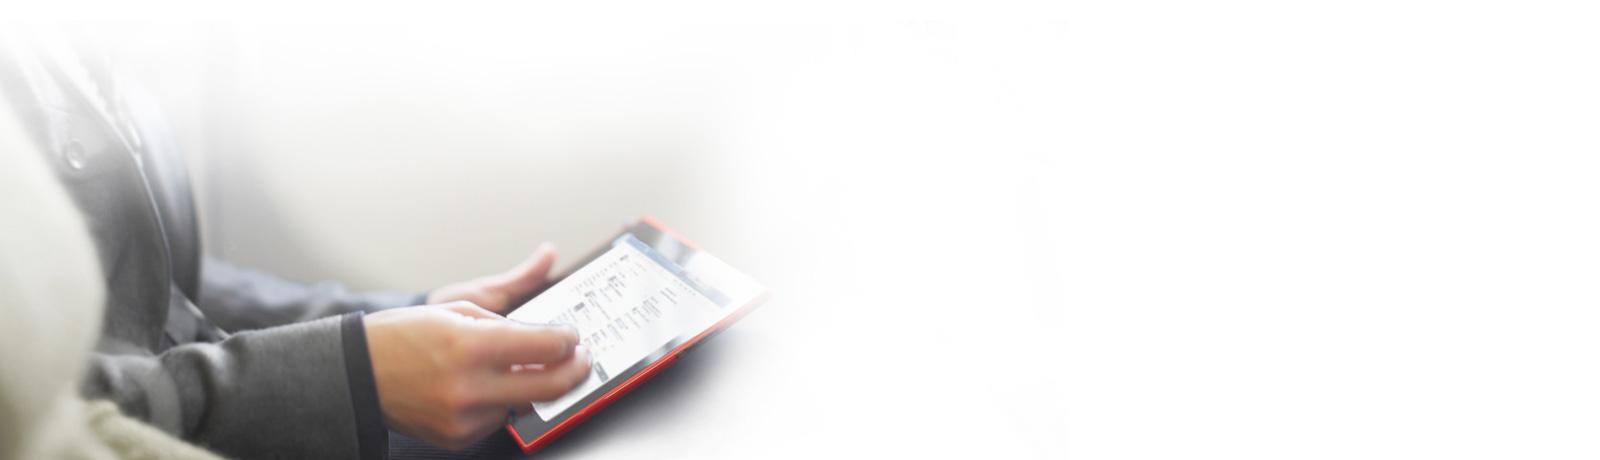 Nærbilde av en person som sitter og arbeider på et nettbrett som han holder i venstre hånd.